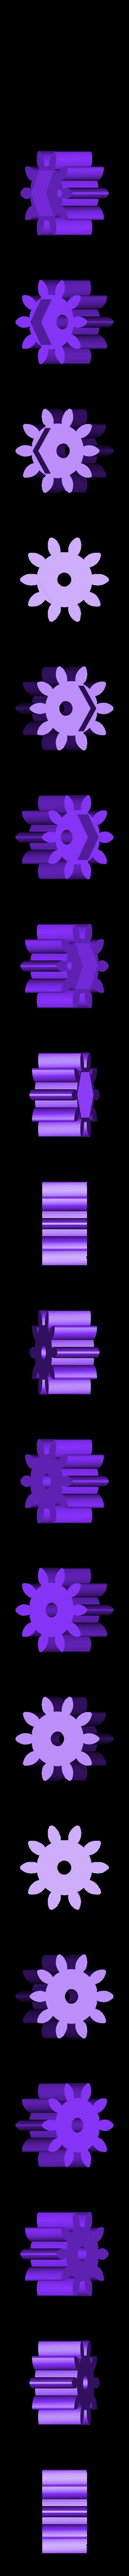 Metric_-_Spur_gear_2M_10T_20PA_12FW_---S10N75H50L4N.STL Télécharger fichier STL gratuit Réducteur uniforme et évolutif (1:256) • Design imprimable en 3D, Ghashnarb